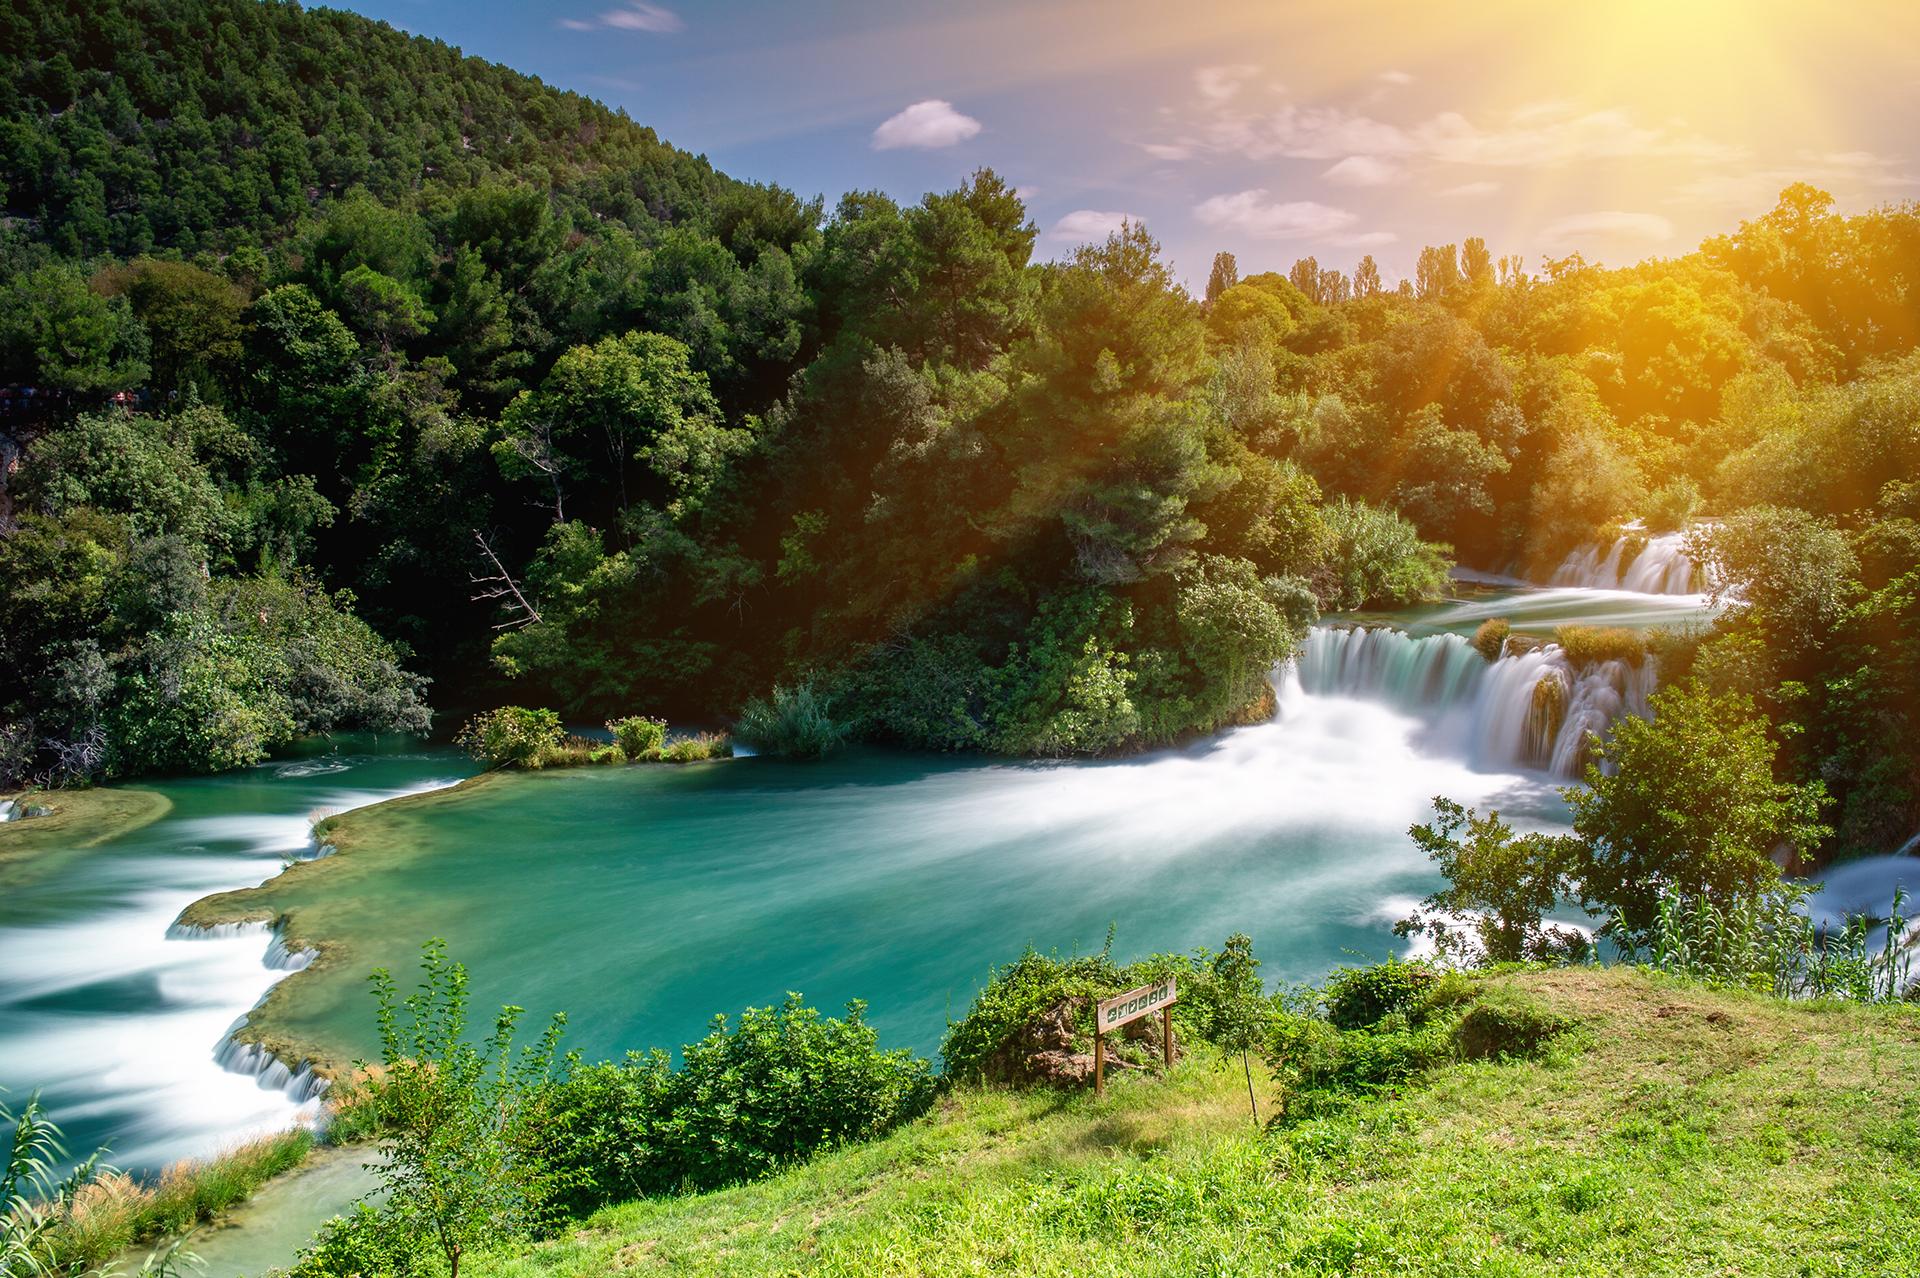 El Parque Nacional de Krka, en el sur de Croacia, con sus cascadas y hermosas aguas pintorescas, ha sido utilizado en escenas que representan diferentes lugares a lo largo de los siete reinos